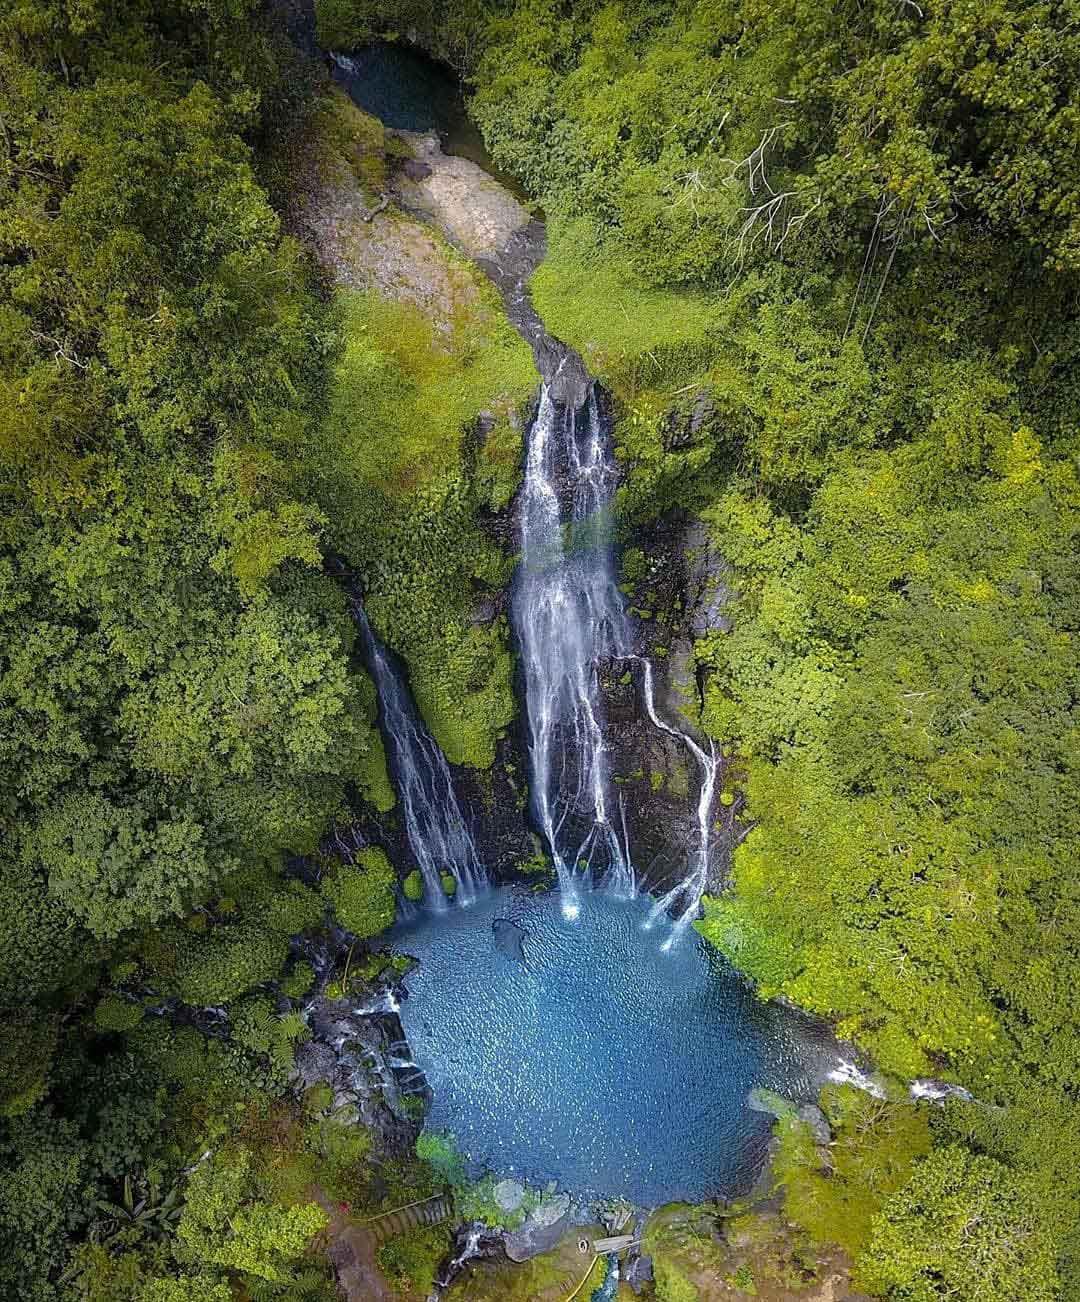 Air Terjun Banyumala Dilihat Dari Atas Image From @rakaontrip